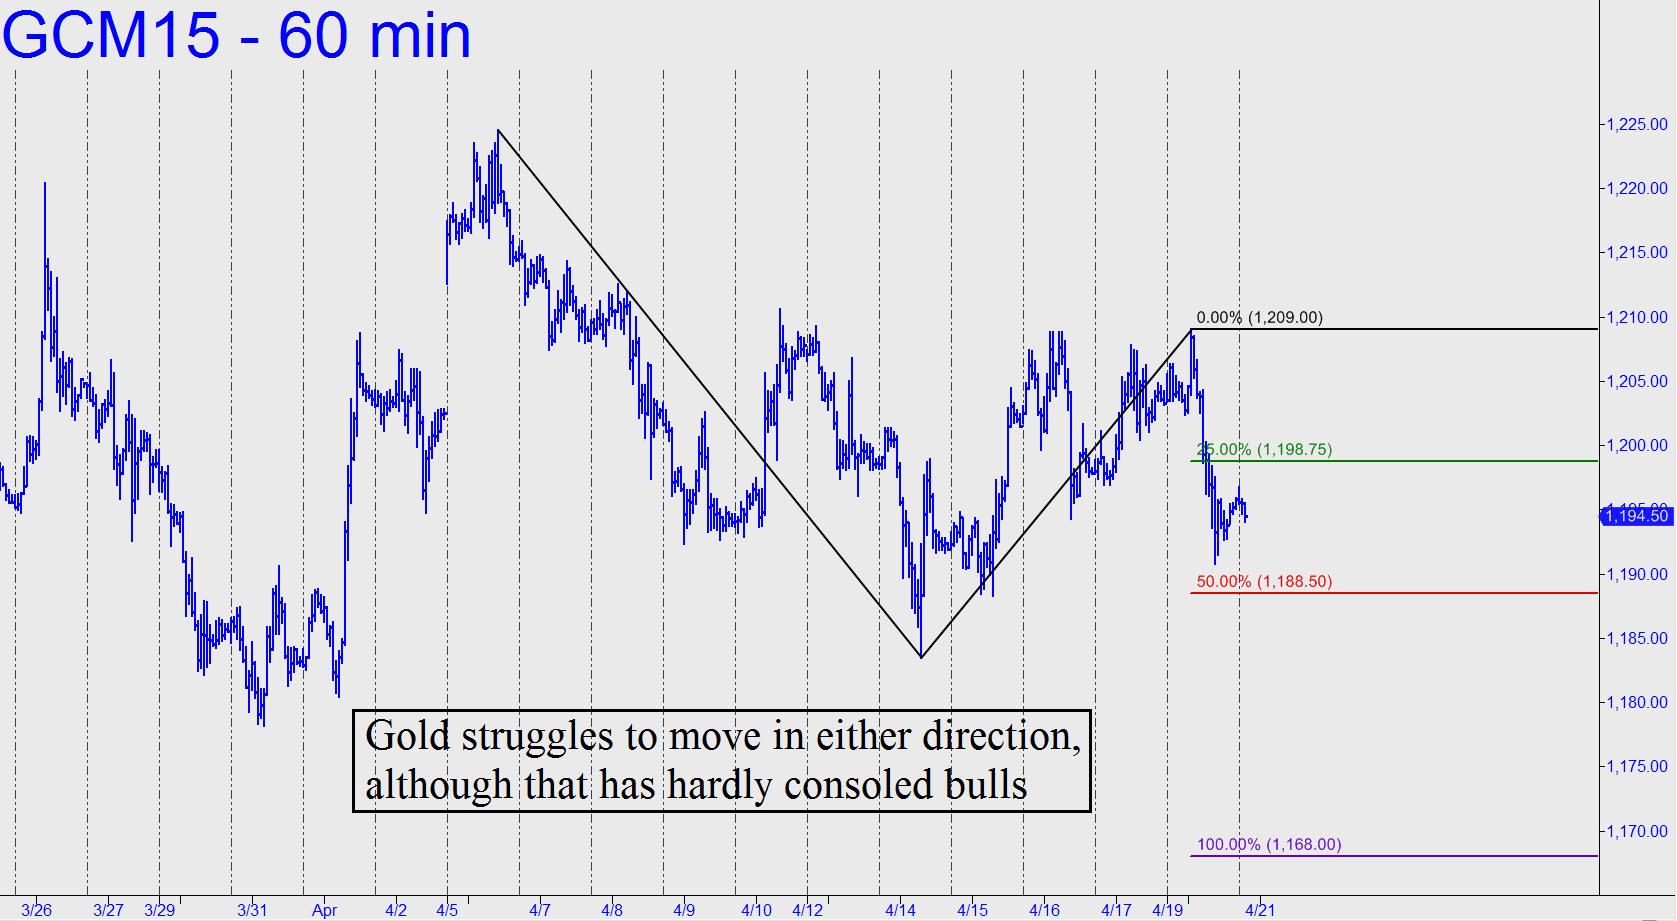 prix de l'or, de l'argent et des minières / suivi 2015 et ultérieurement - Page 3 Gold-struggles-to-move